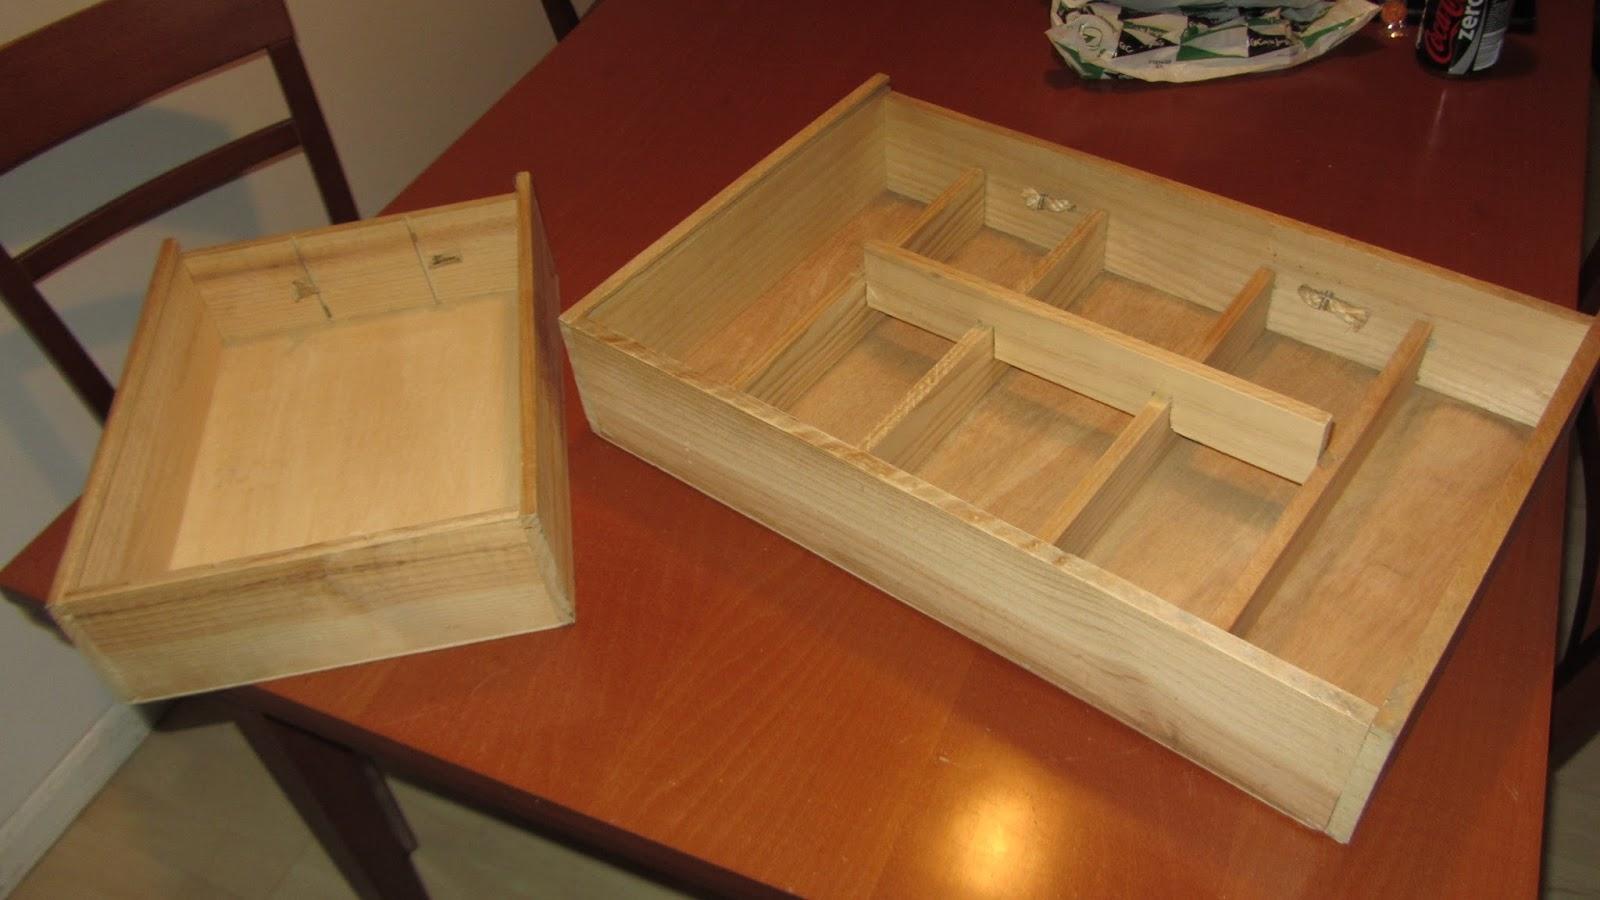 estanteras con cajas de vino decoradas - Cajas De Vino Decoradas